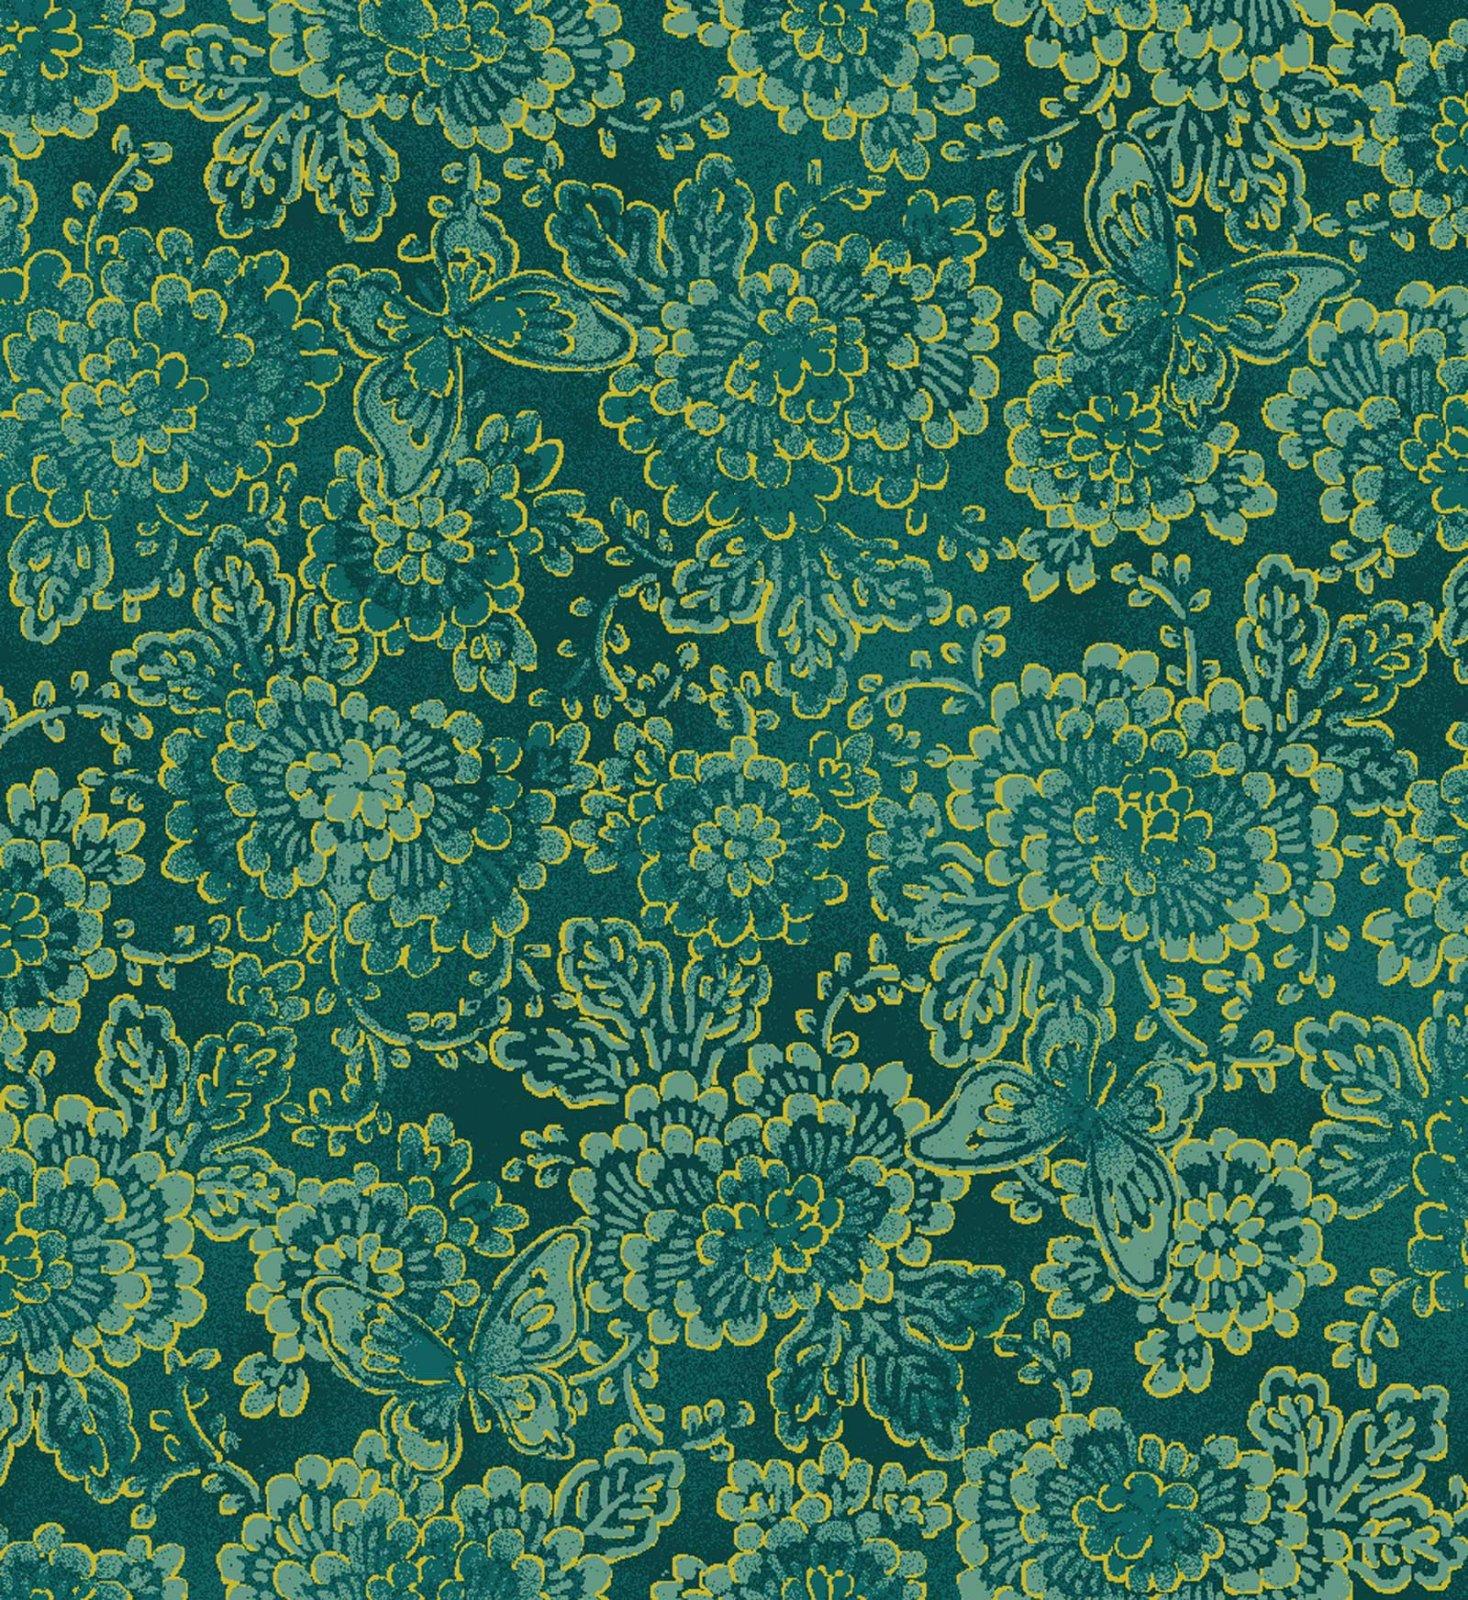 Asian Garden, Floral Metallic, Green